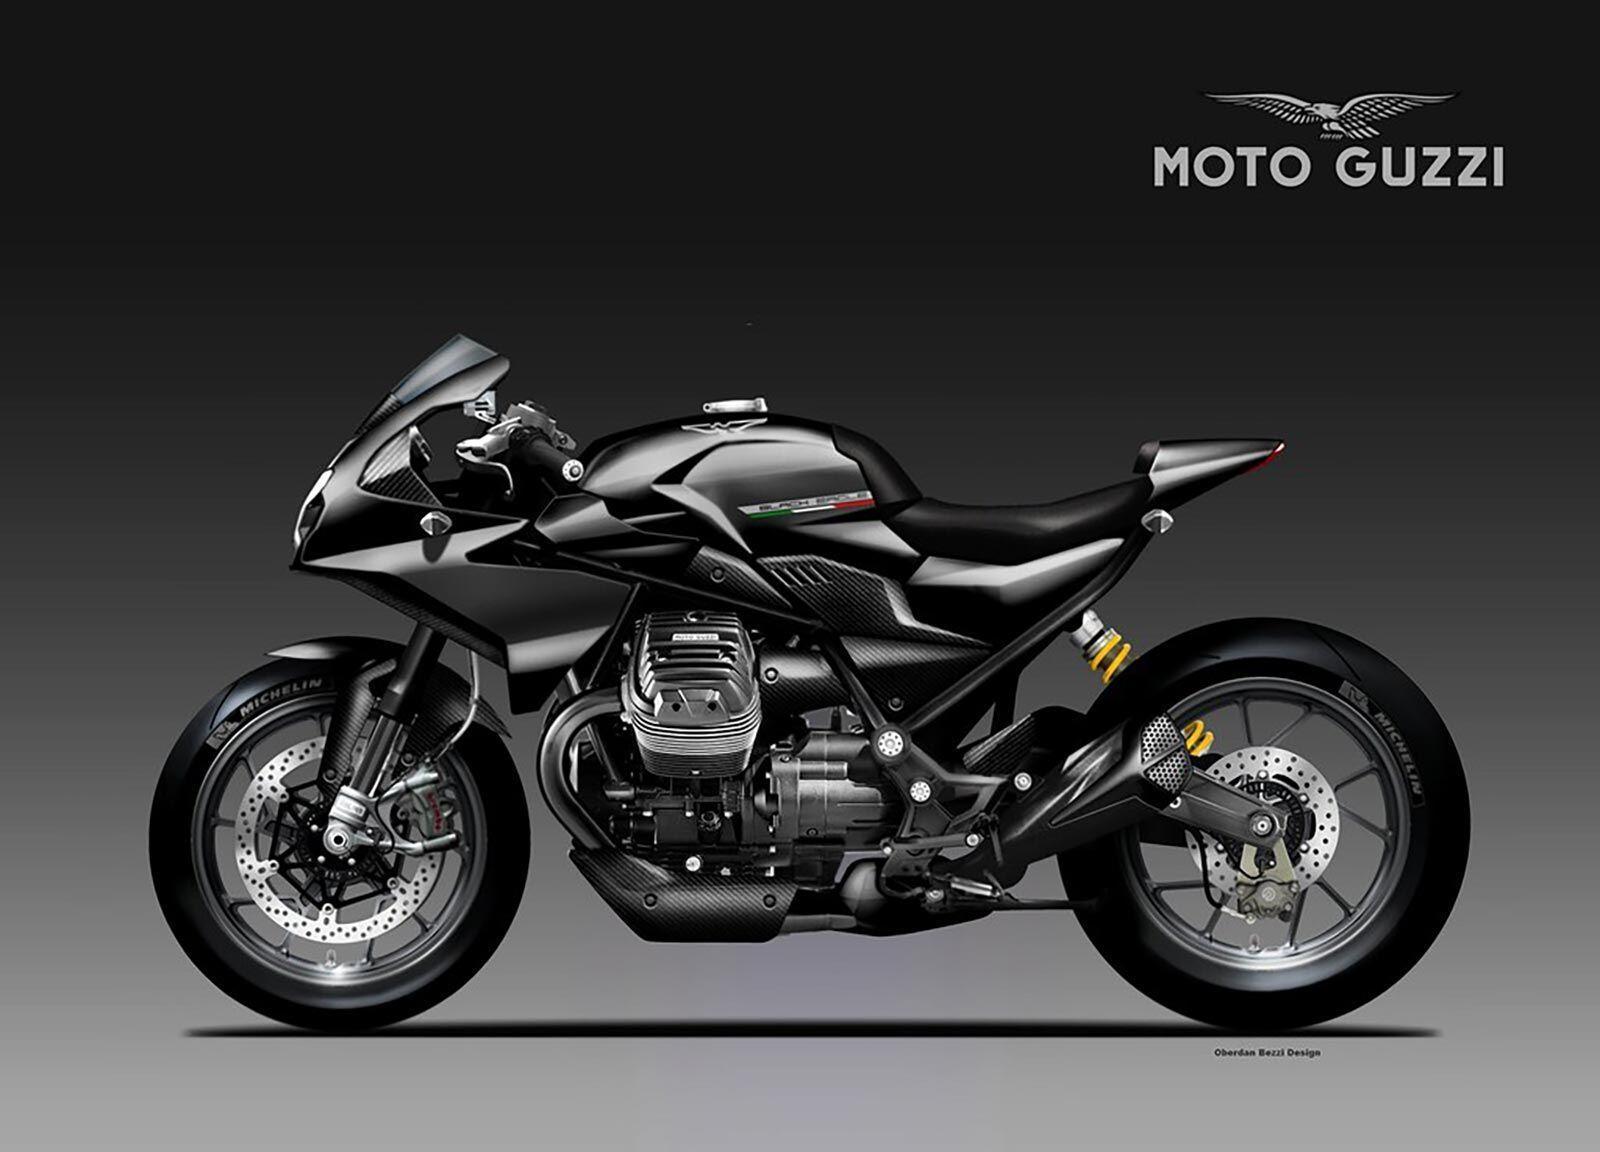 La moto c'est génial